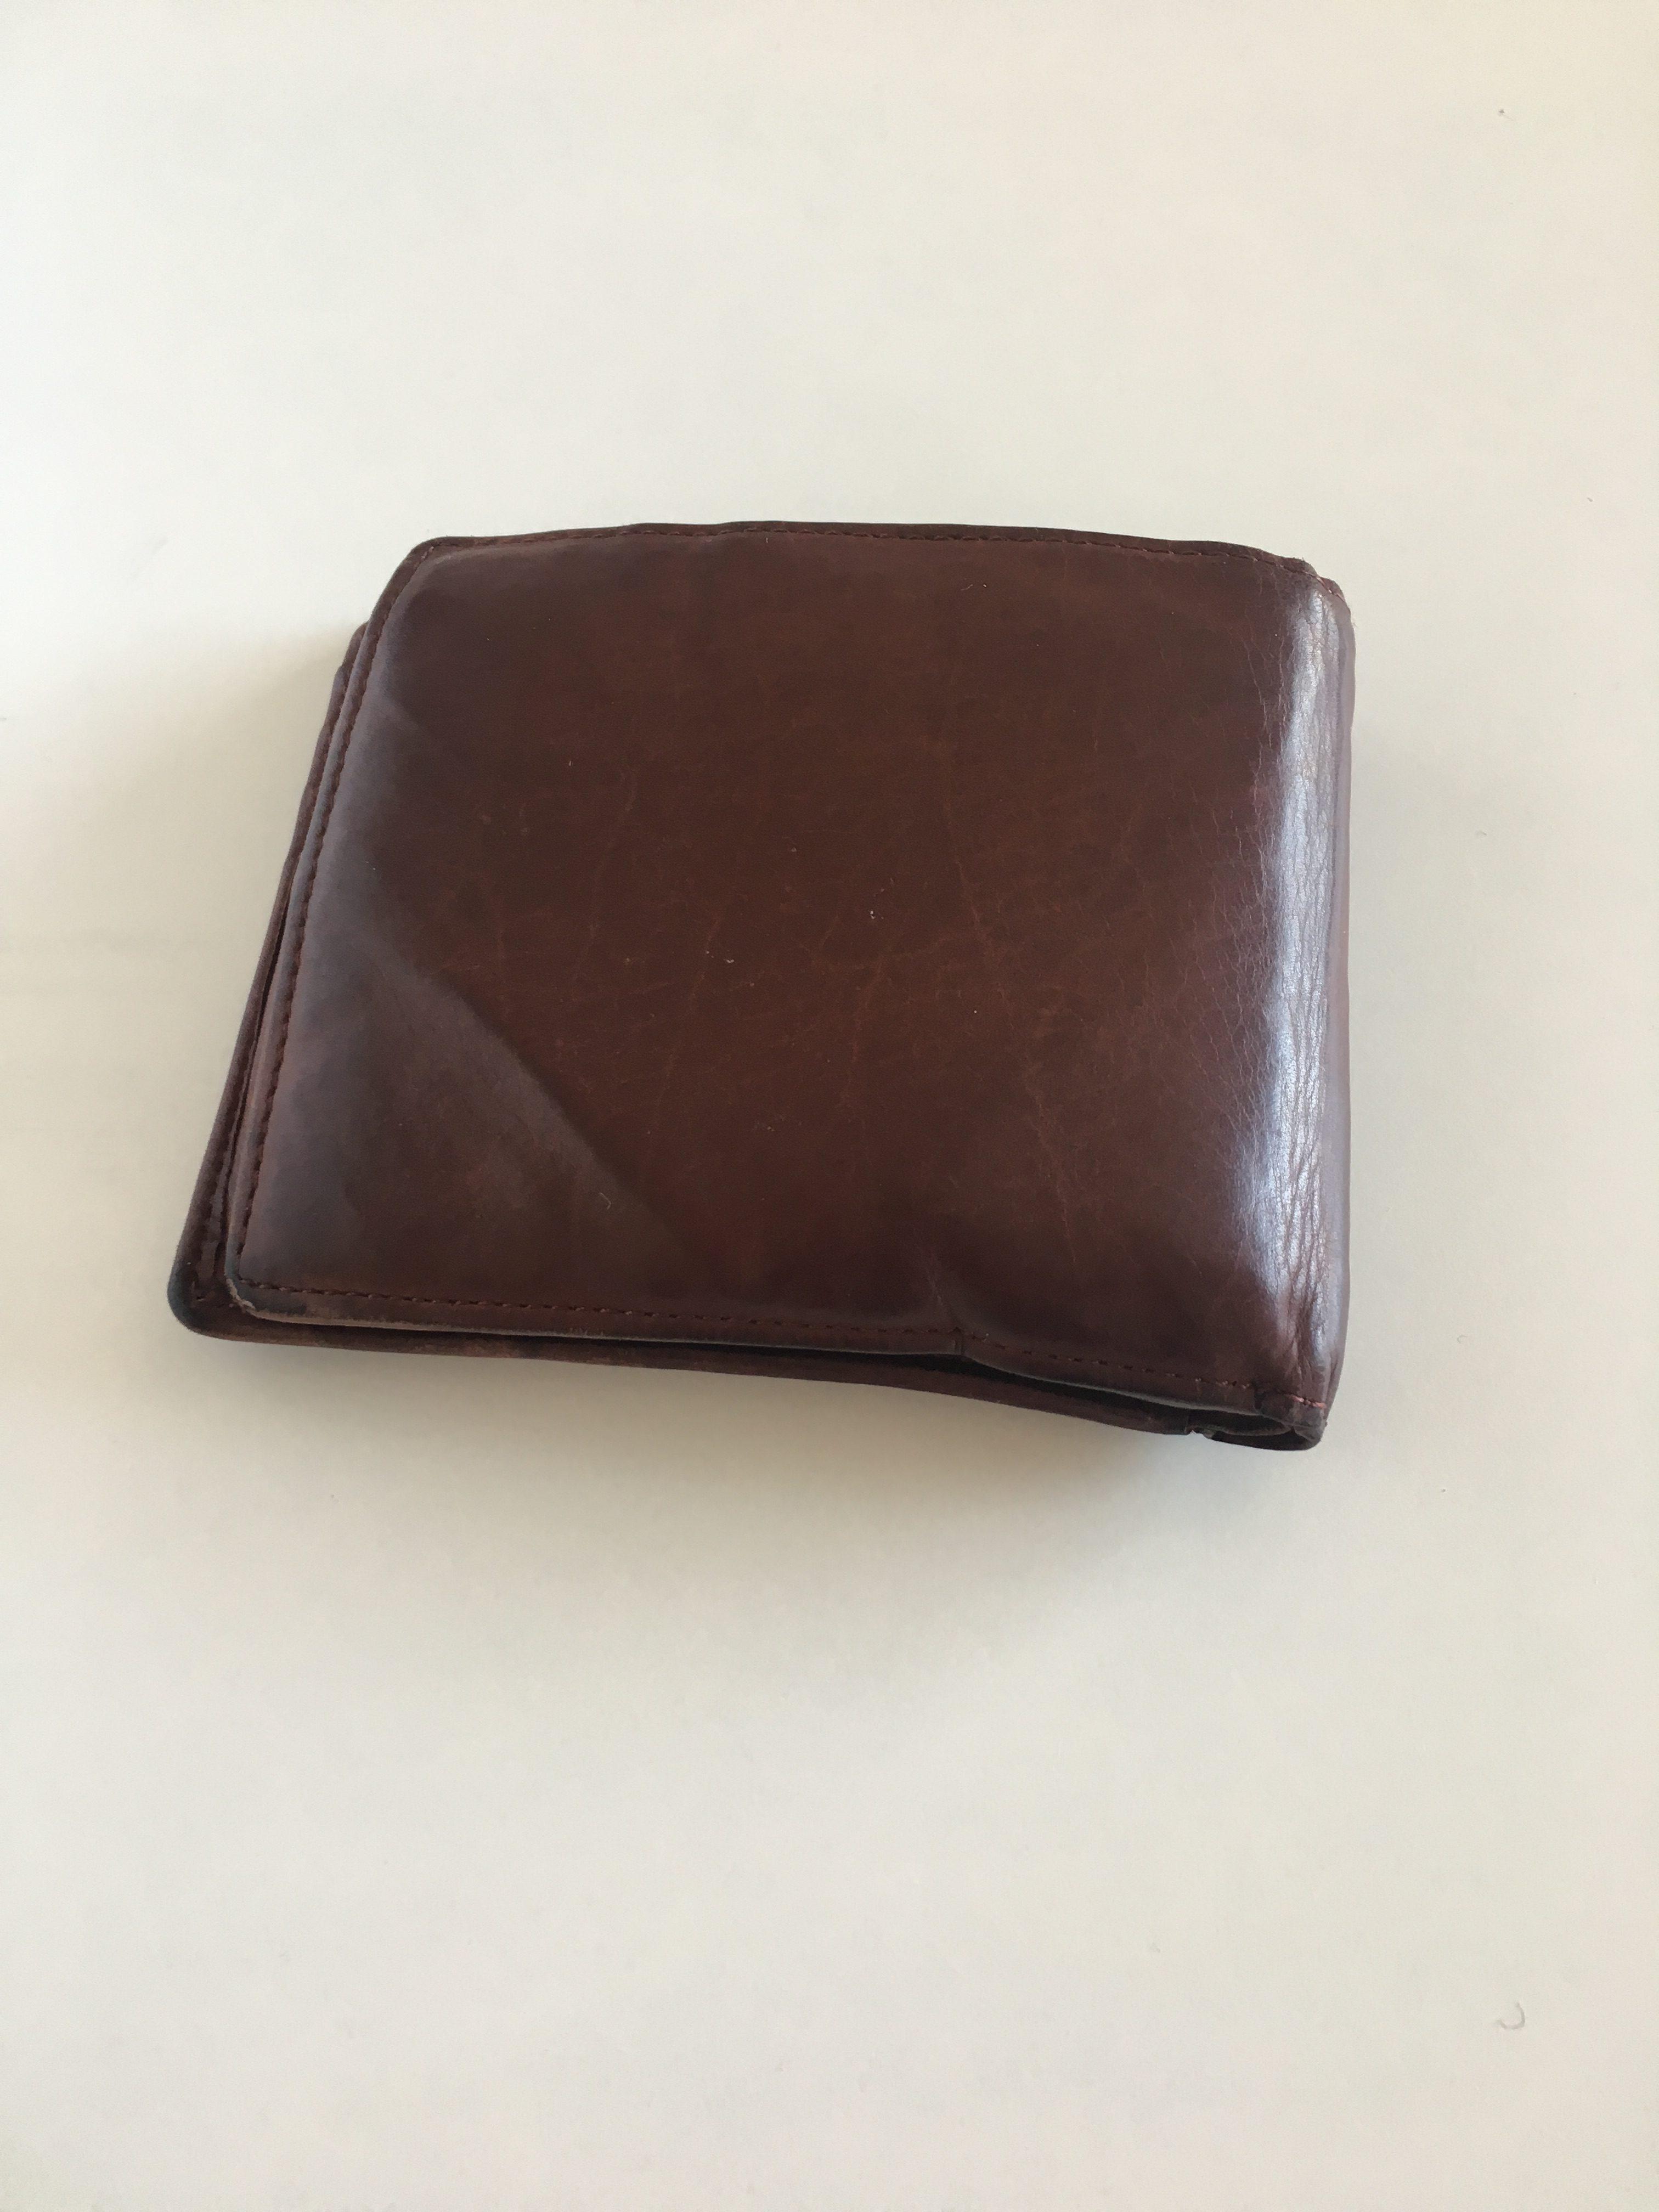 ミニマリストの財布はどうする? キプリスの二つ折り財布がシンプルでいい! イメージは高級無印良品